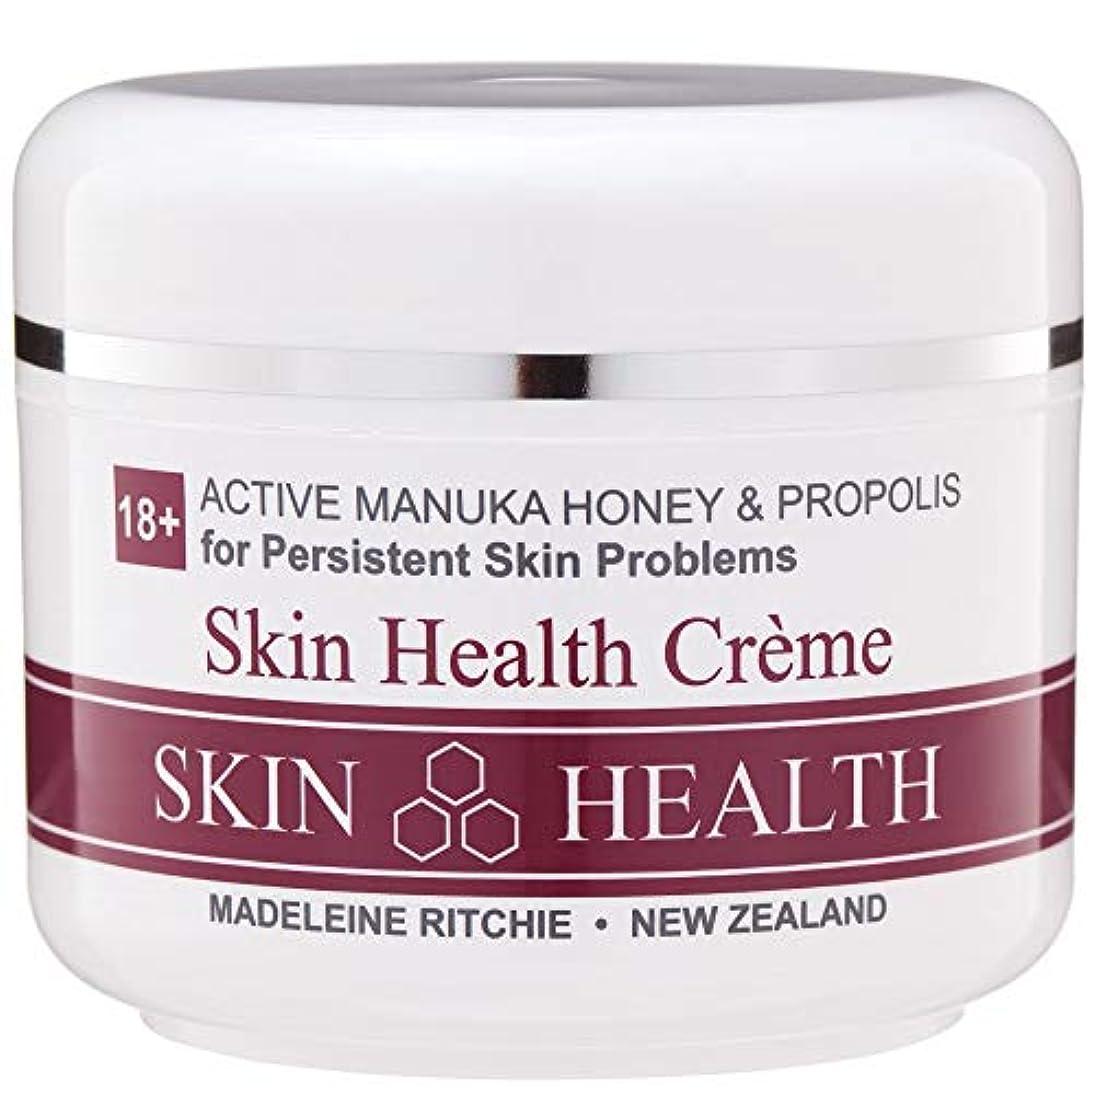 公爵固めるフォージMadeleine Ritchie New Zealand 18+ Active Manuka Honey Skin Health Cream Jar 100ml